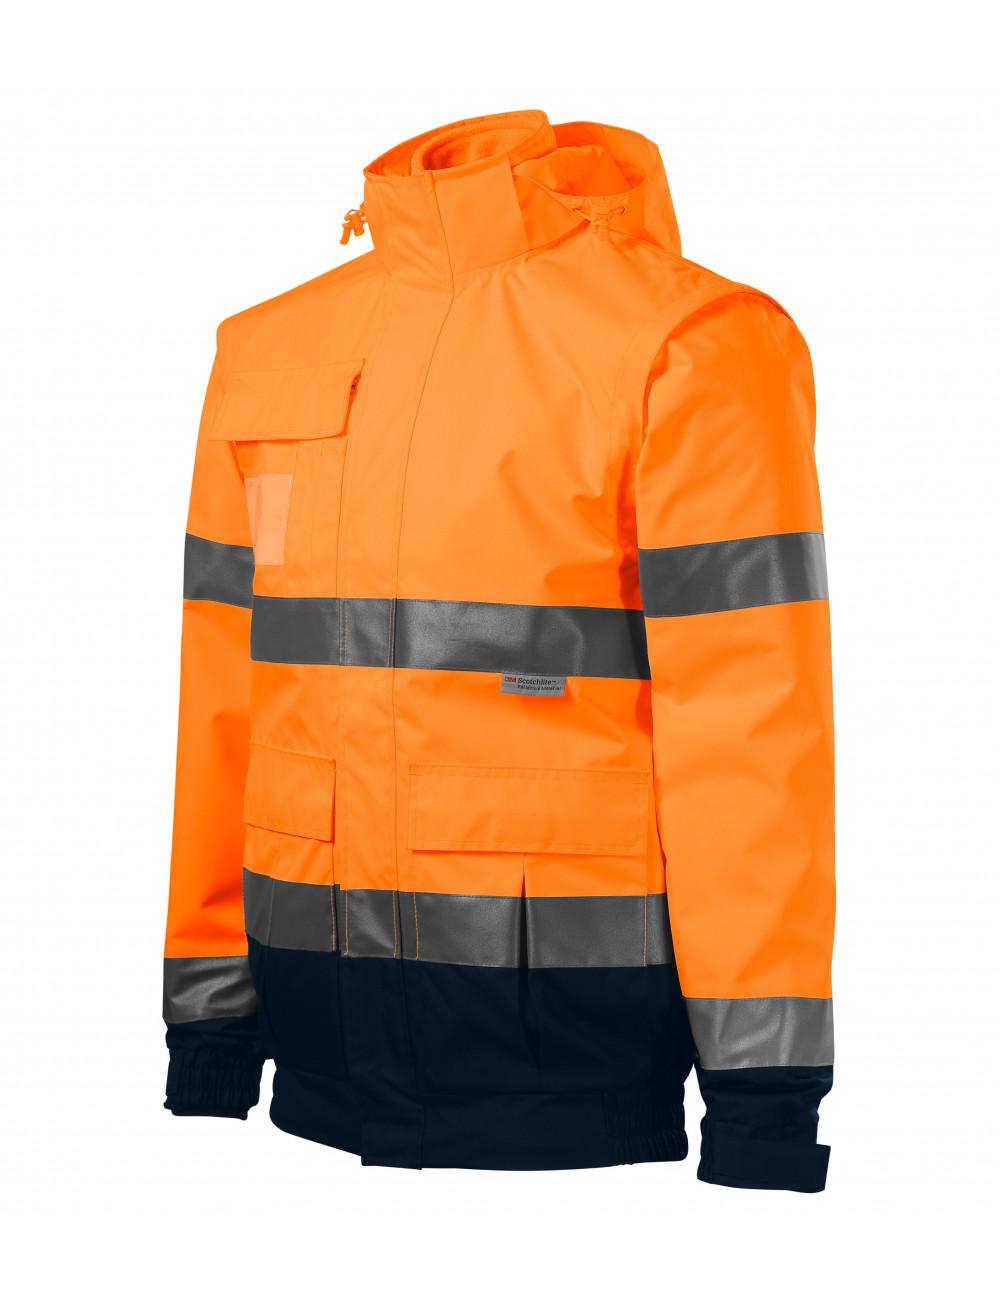 Adler RIMECK Kurtka unisex HV Guard 4 in 1 5V2 fluorescencyjny pomarańczowy